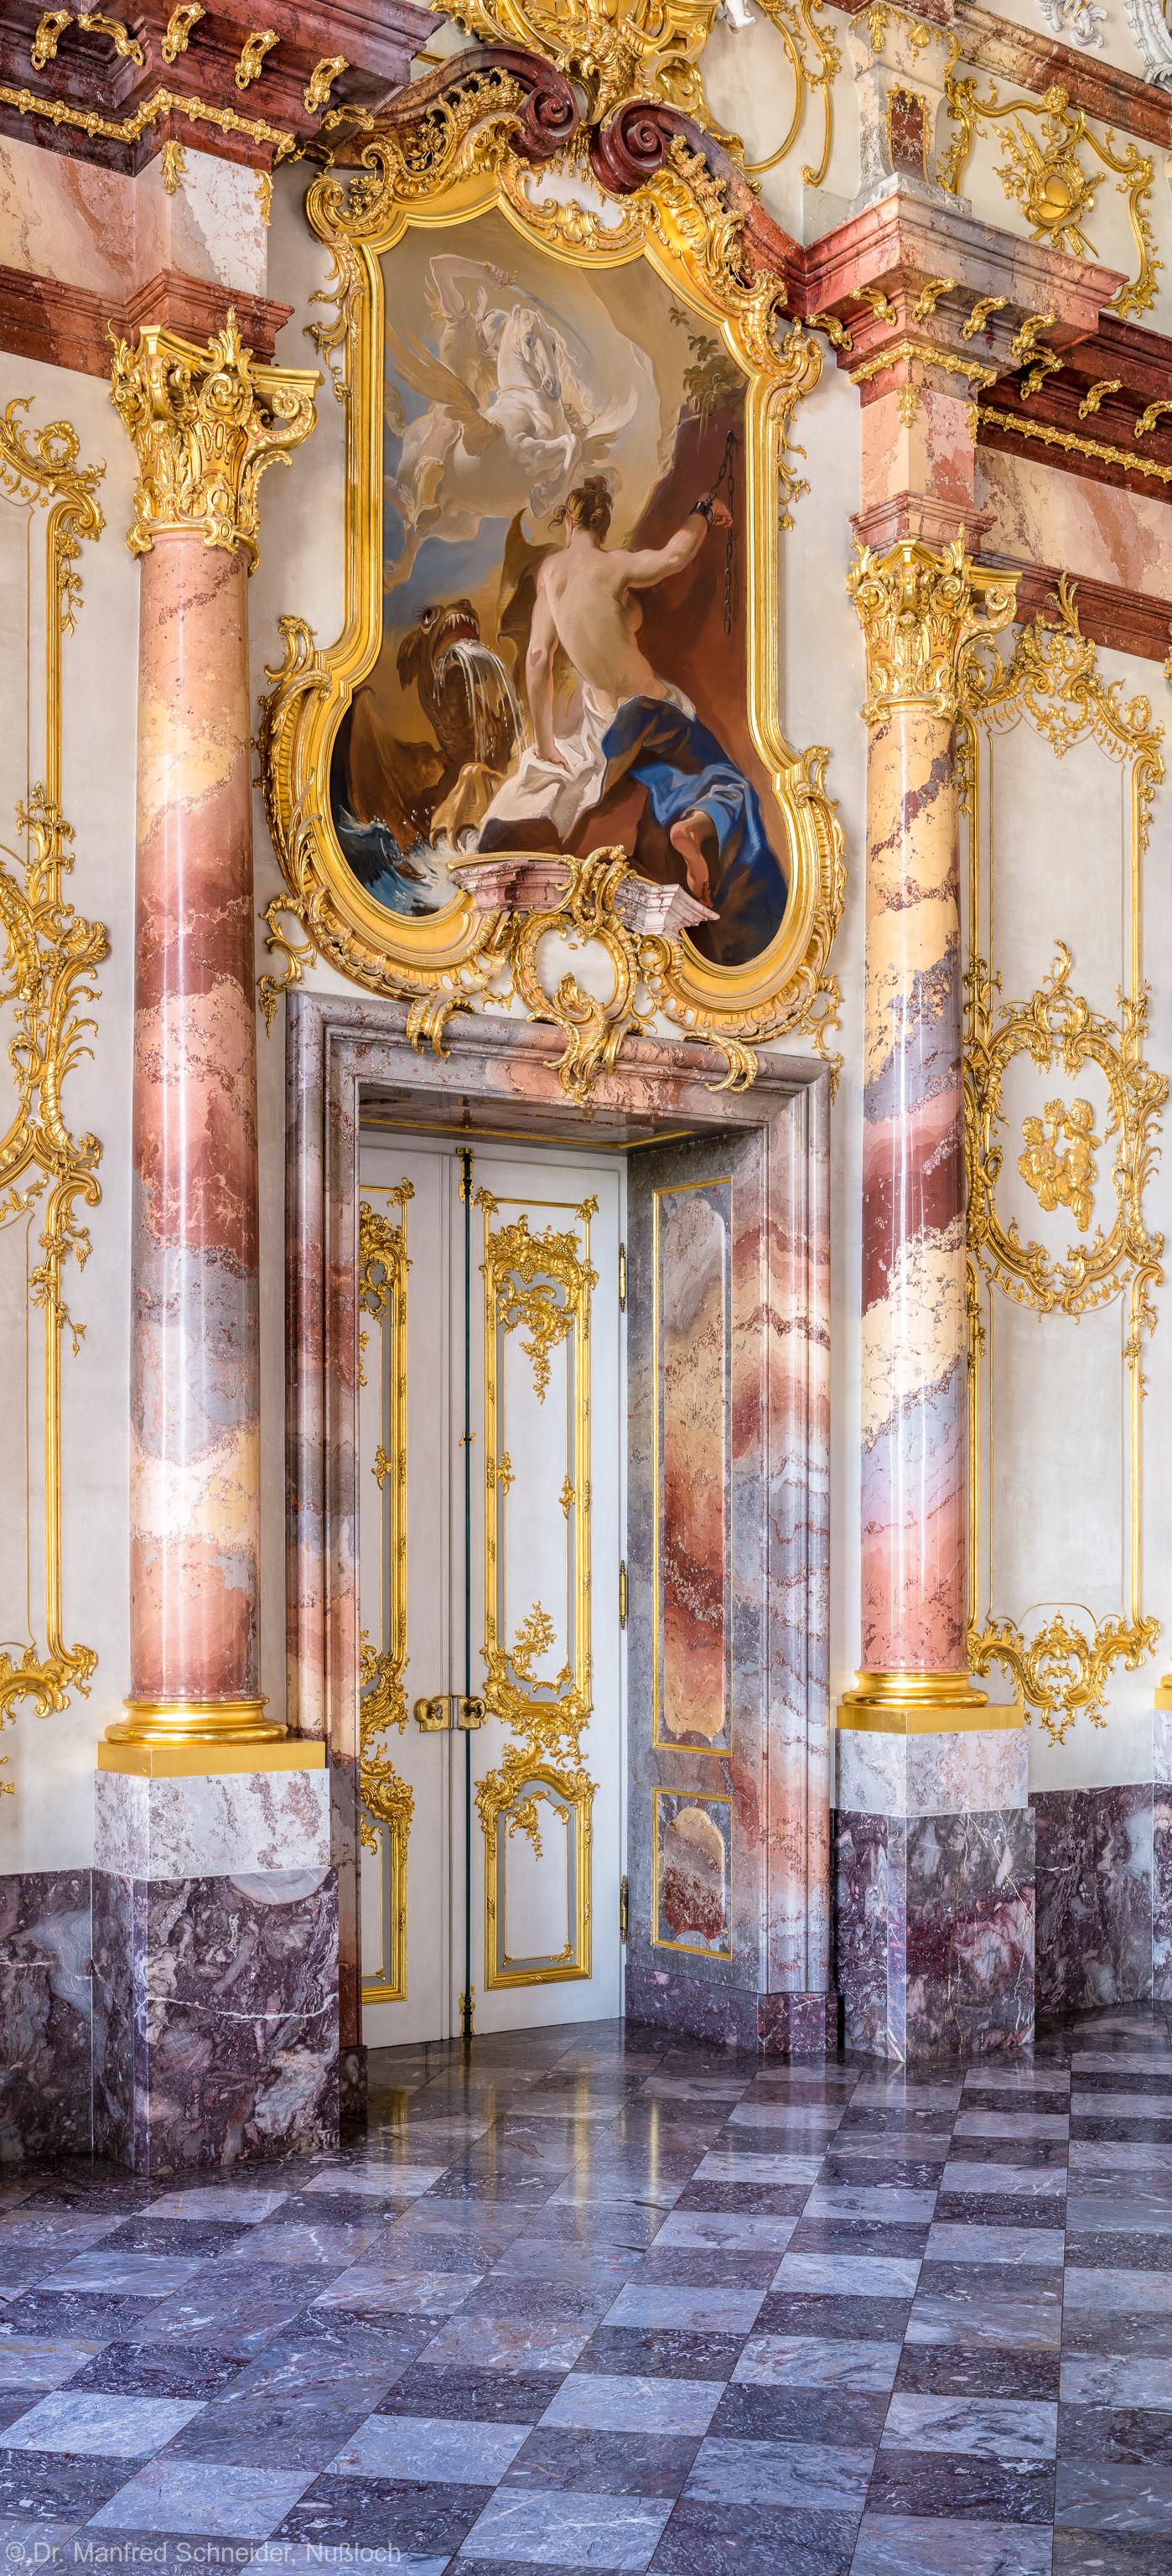 """Schloss Bruchsal - Hauptbau / Corps de Logis - Beletage - Marmorsaal / Kaisersaal - Nördliche Tür - Von Südwest - Blick auf die nördliche Tür und das Gemälde """"Perseus und Andromeda"""" (ursprünglich gemalt von Johannes Zick, rekonstruiert von Wolfram Köberl, 1981) (aufgenommen im Mai 2019, am späten Vormittag)"""